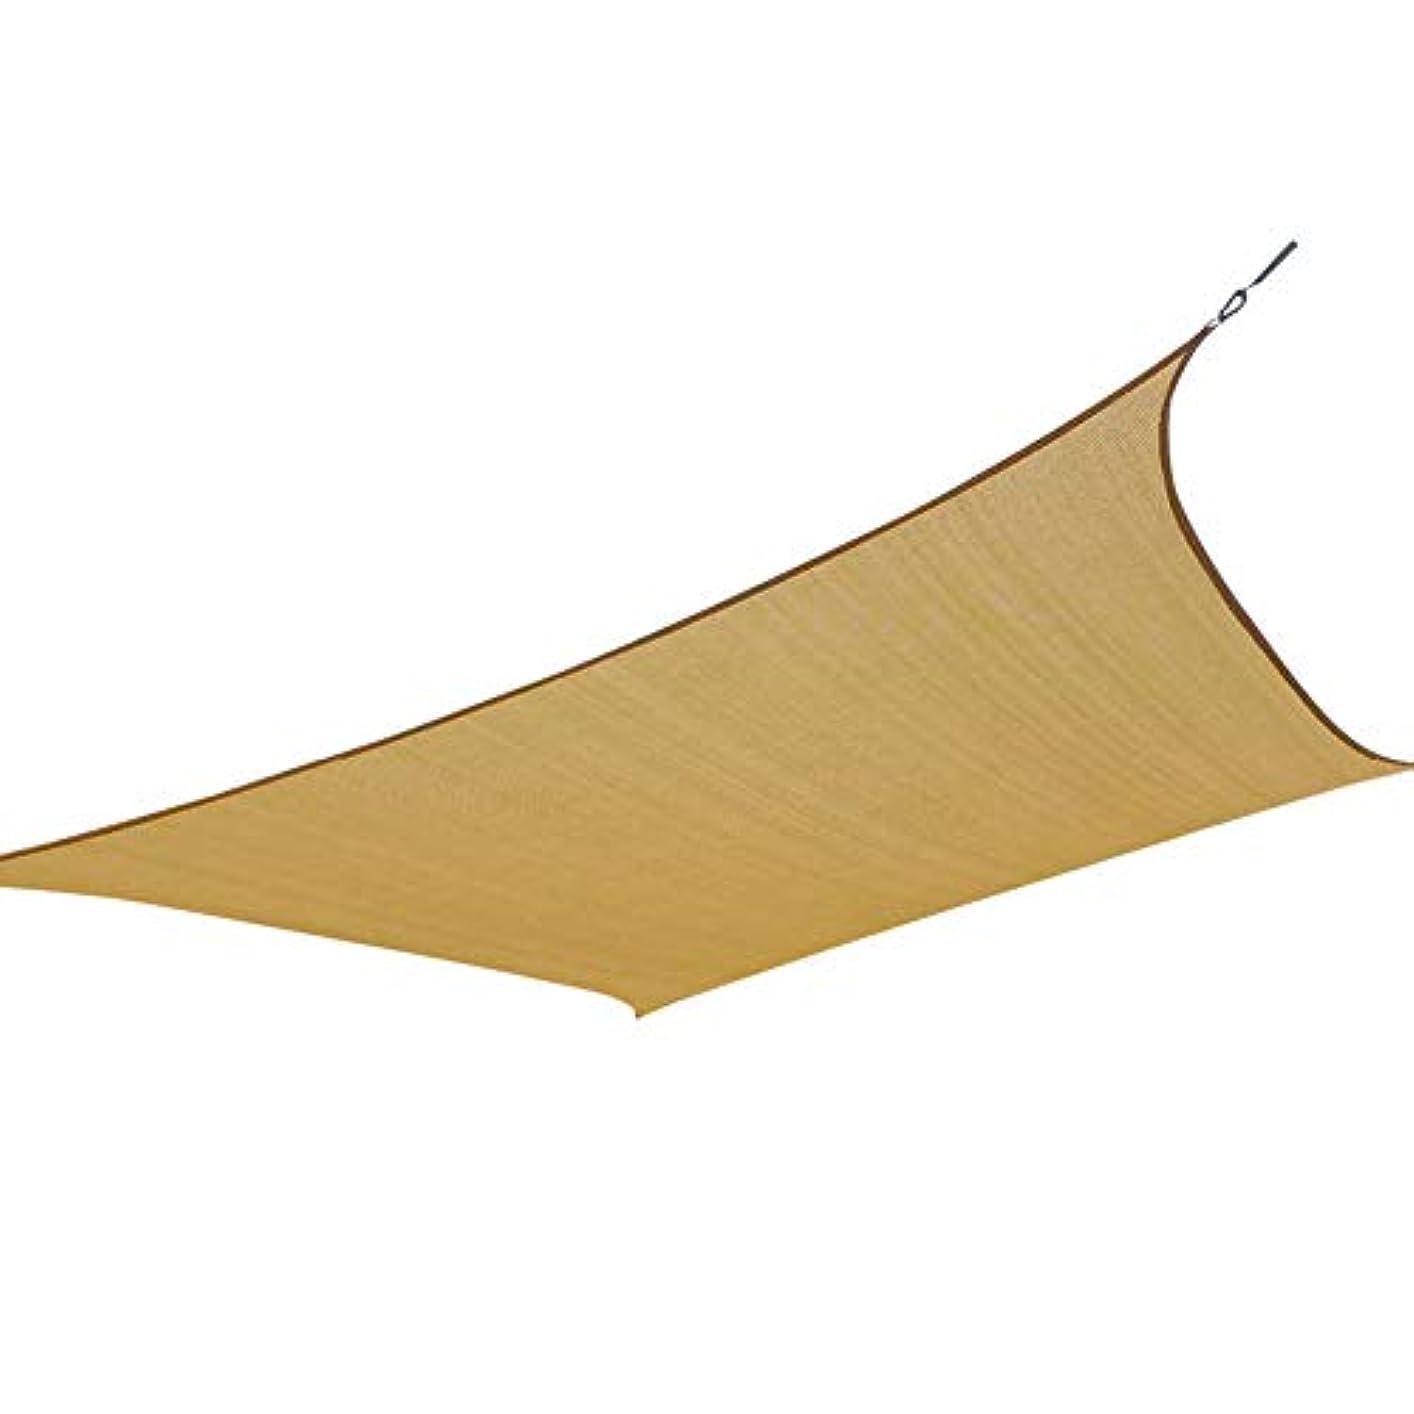 専門用語規制する七面鳥Happysource 3×4メートル/ 4×4メートル紫外線保護70%防水オックスフォード布屋外日焼け止め日焼け止めネット